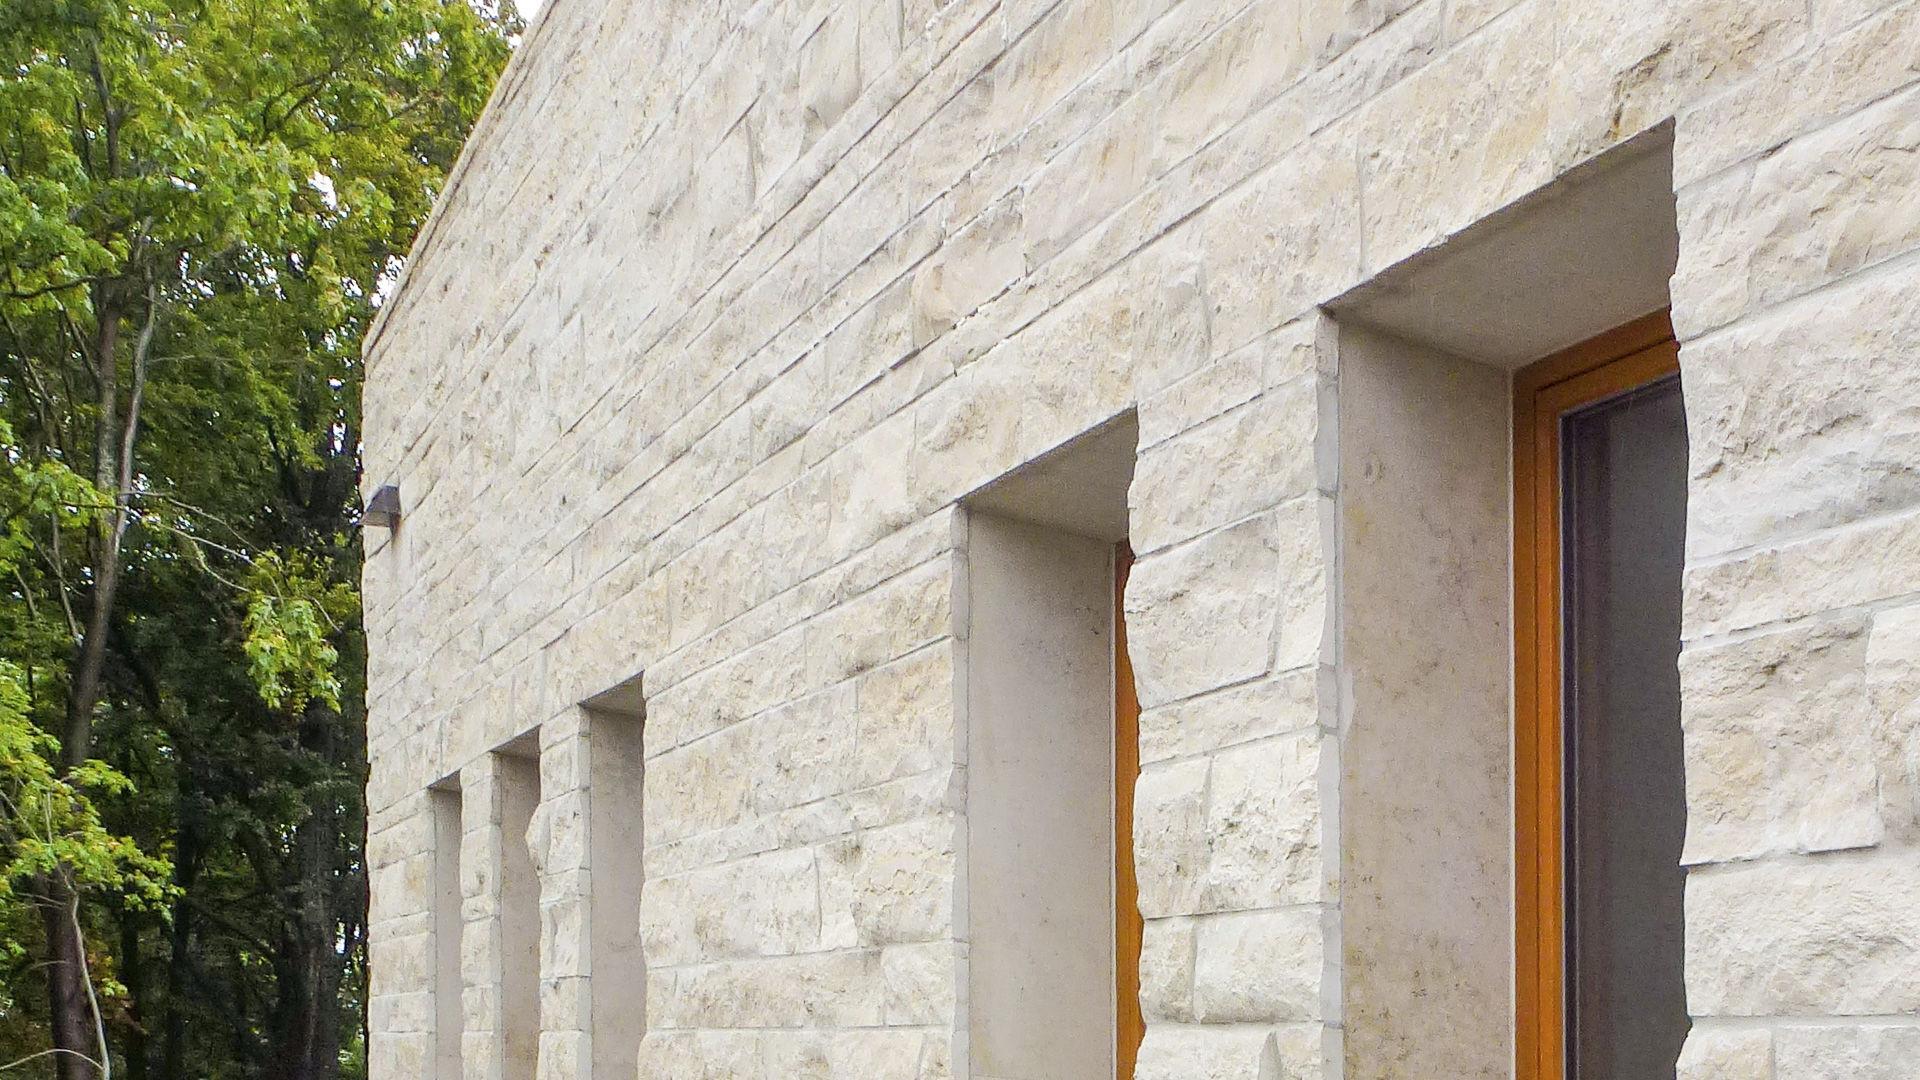 Kalkstein Steinplatte Struktur Fur Fussboden Fur Fassaden